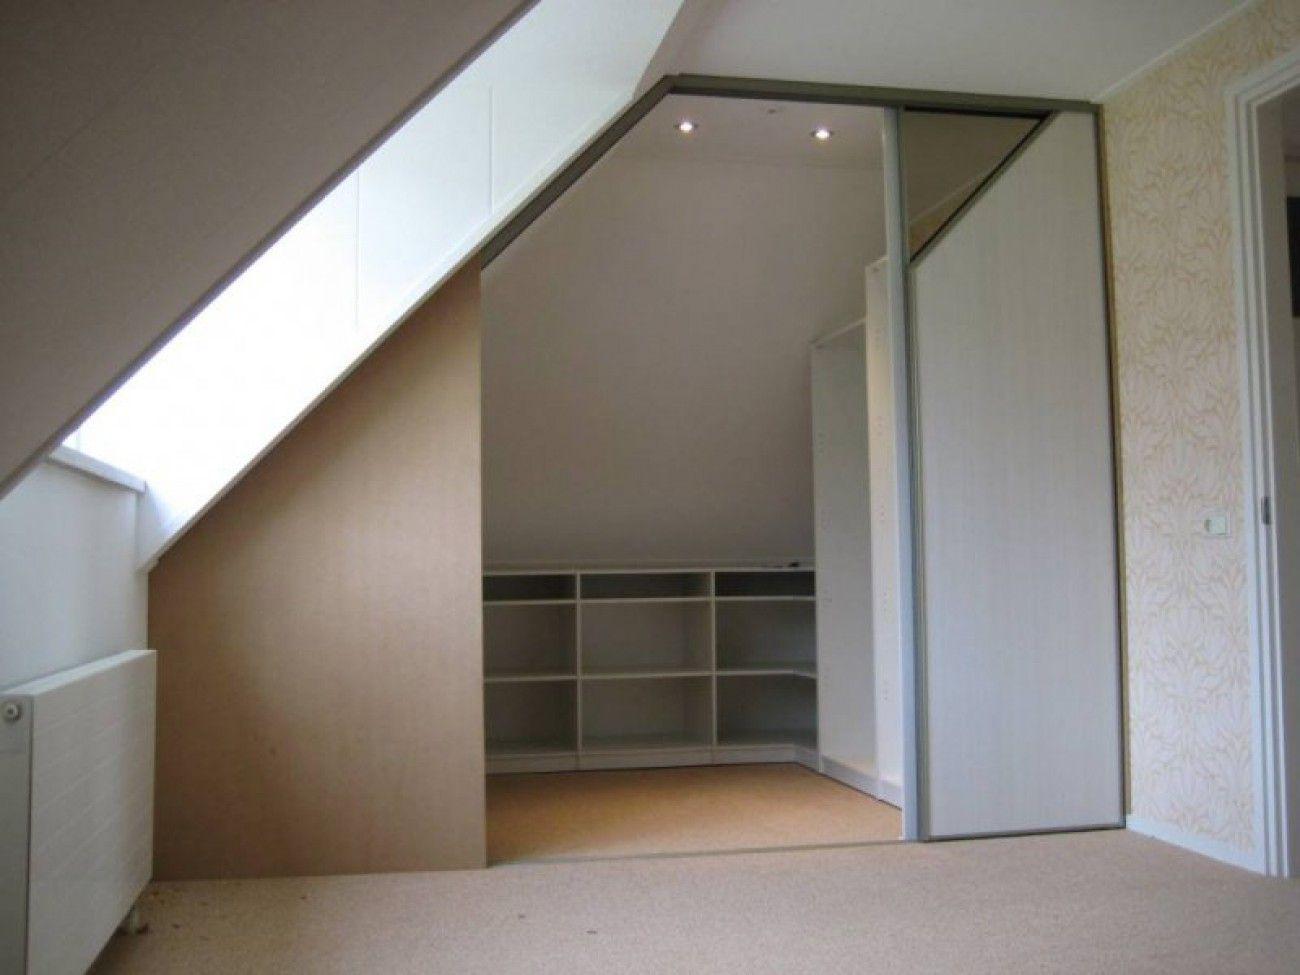 Weer een idee voor onder een schuin dak in de slaapkamer inbouwkast met schuine wand - Slaapkamer onder het dak ...